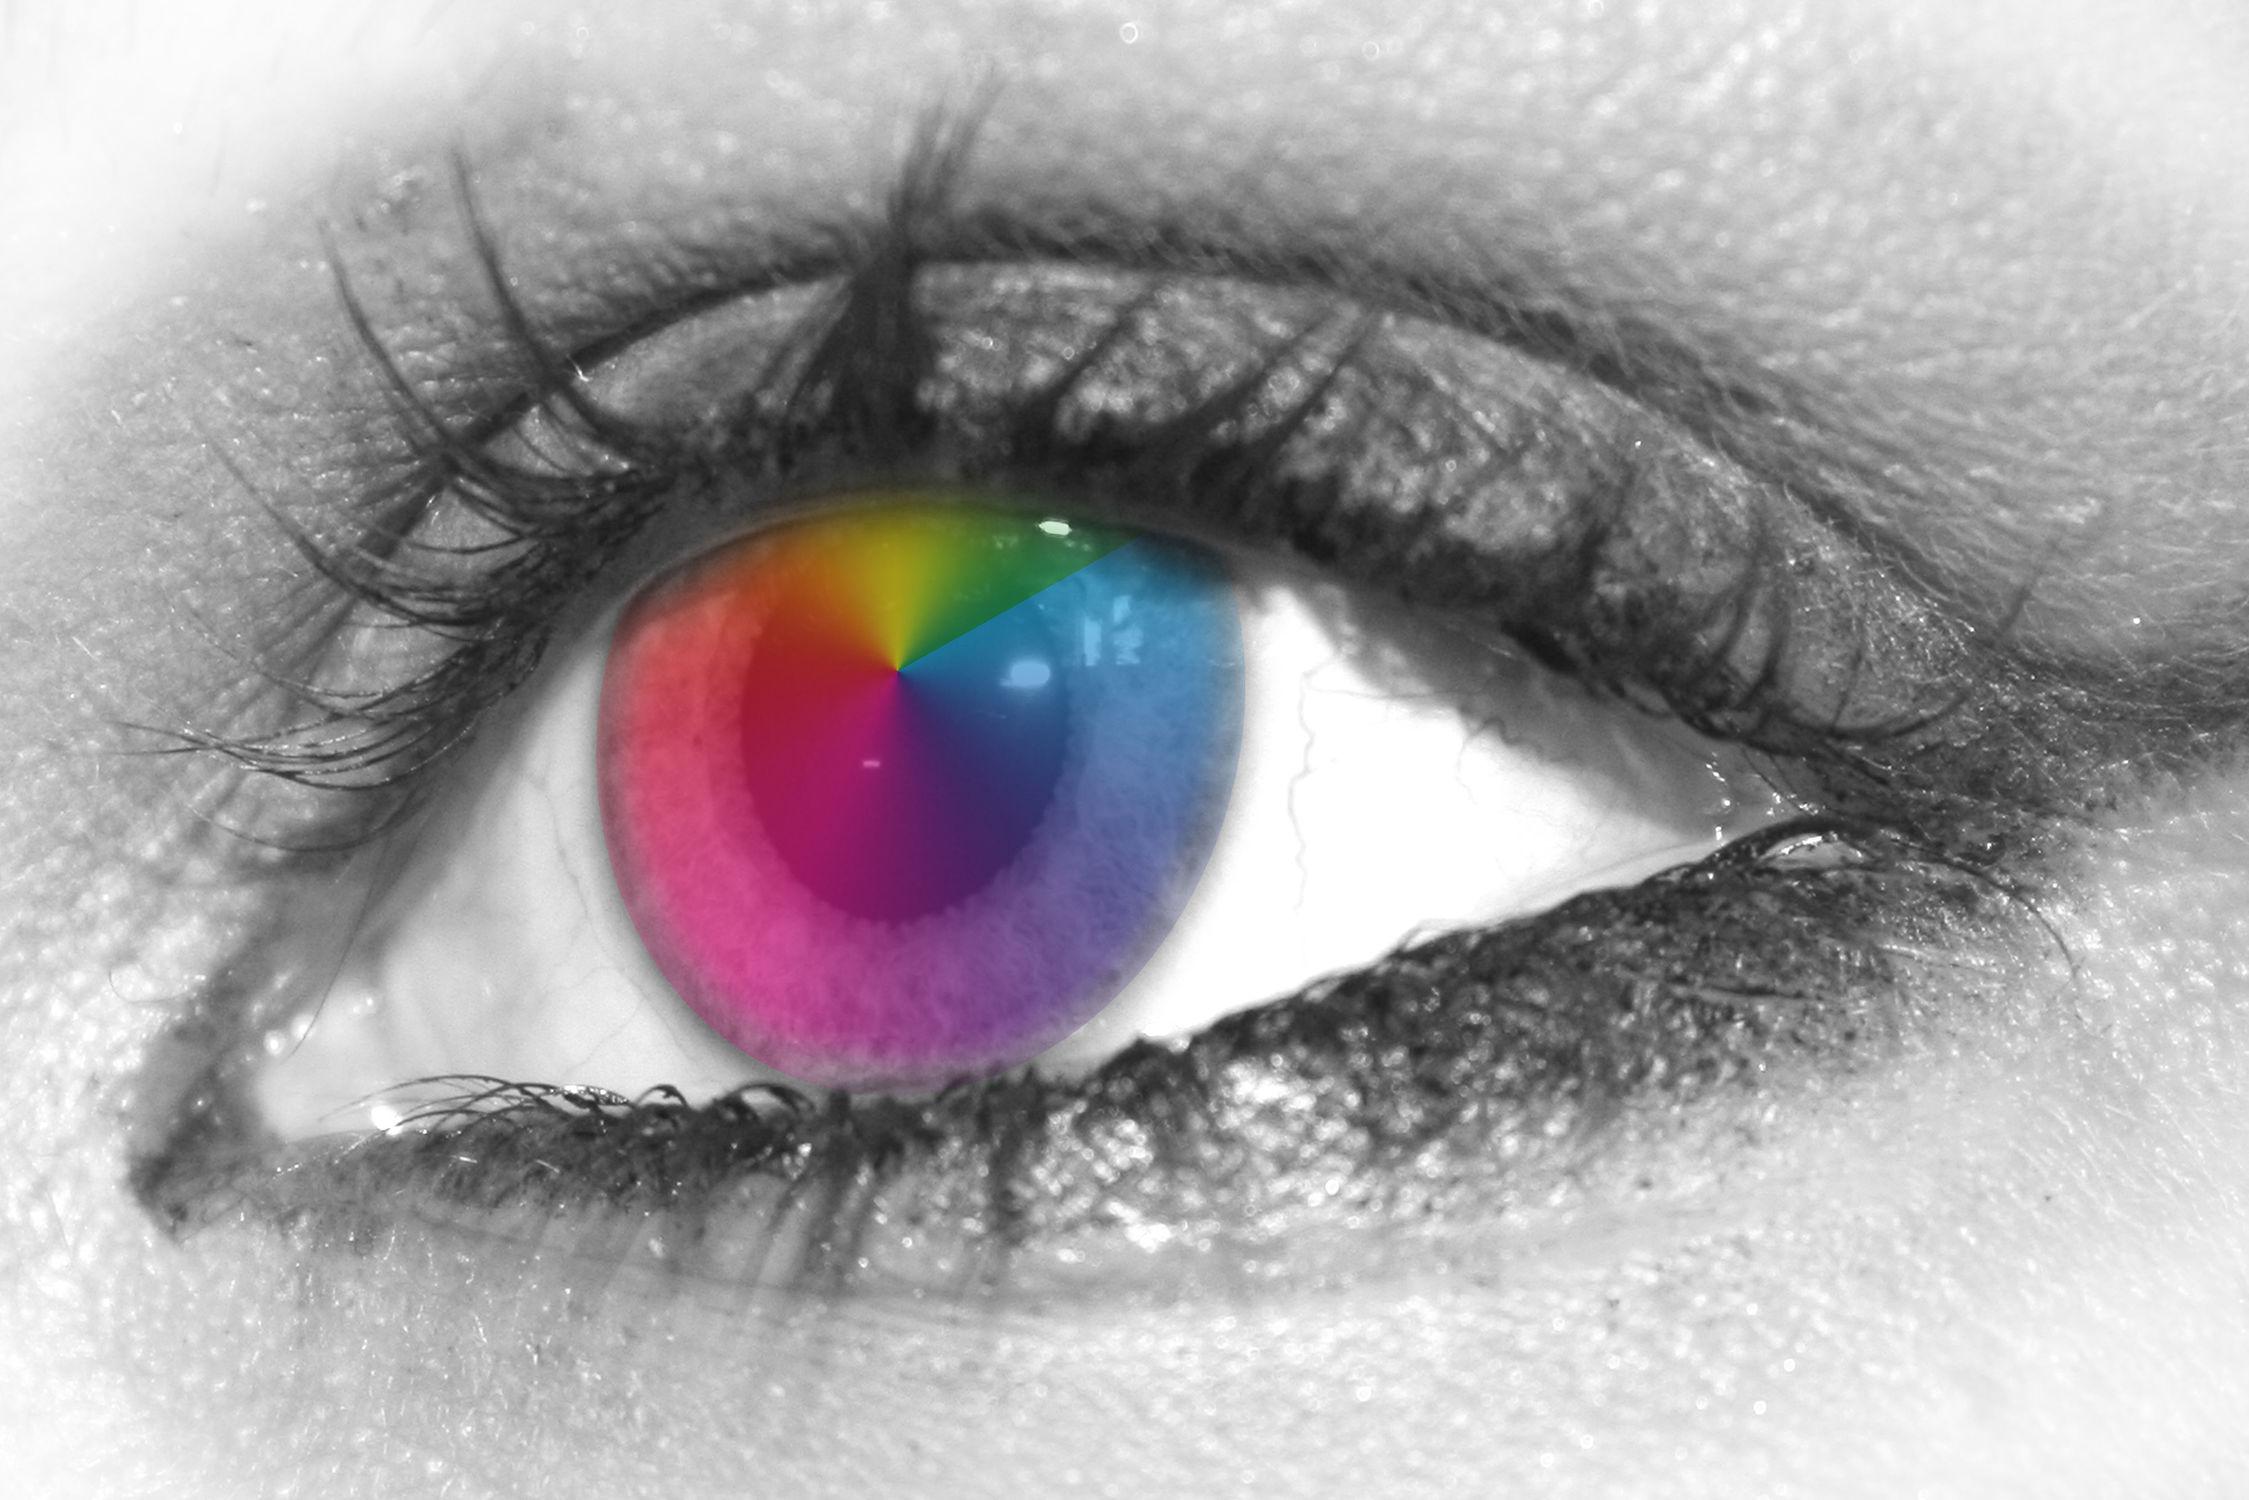 Bild mit Augen, Wimpern, Auge, Eye, Eyes, Menschenauge, menschliche Auge, Iris, Blick